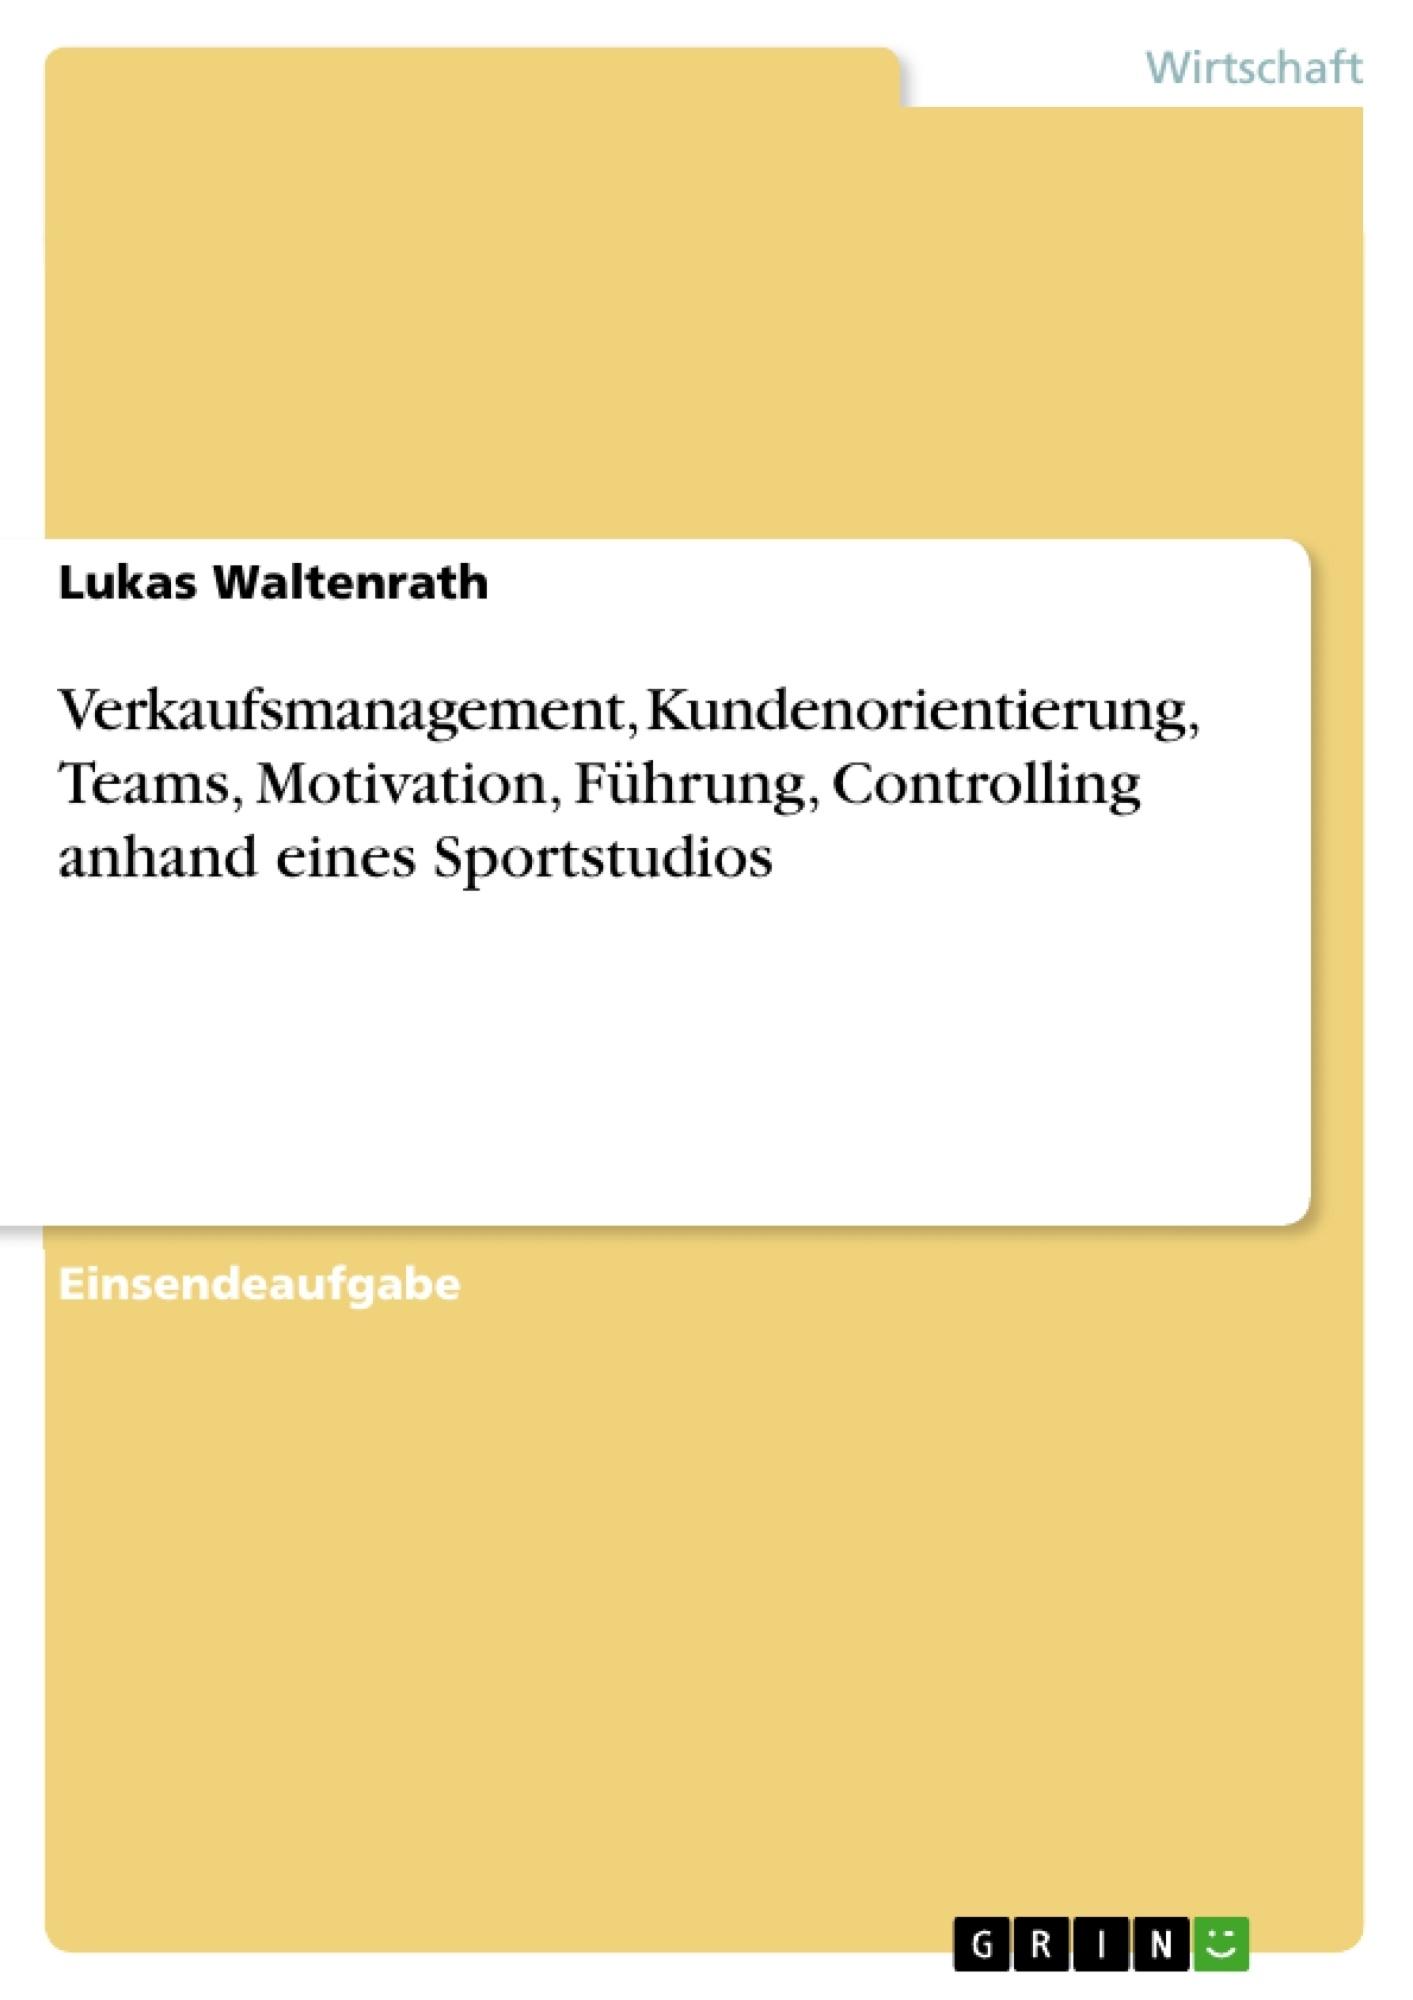 Titel: Verkaufsmanagement, Kundenorientierung, Teams, Motivation, Führung, Controlling anhand eines Sportstudios